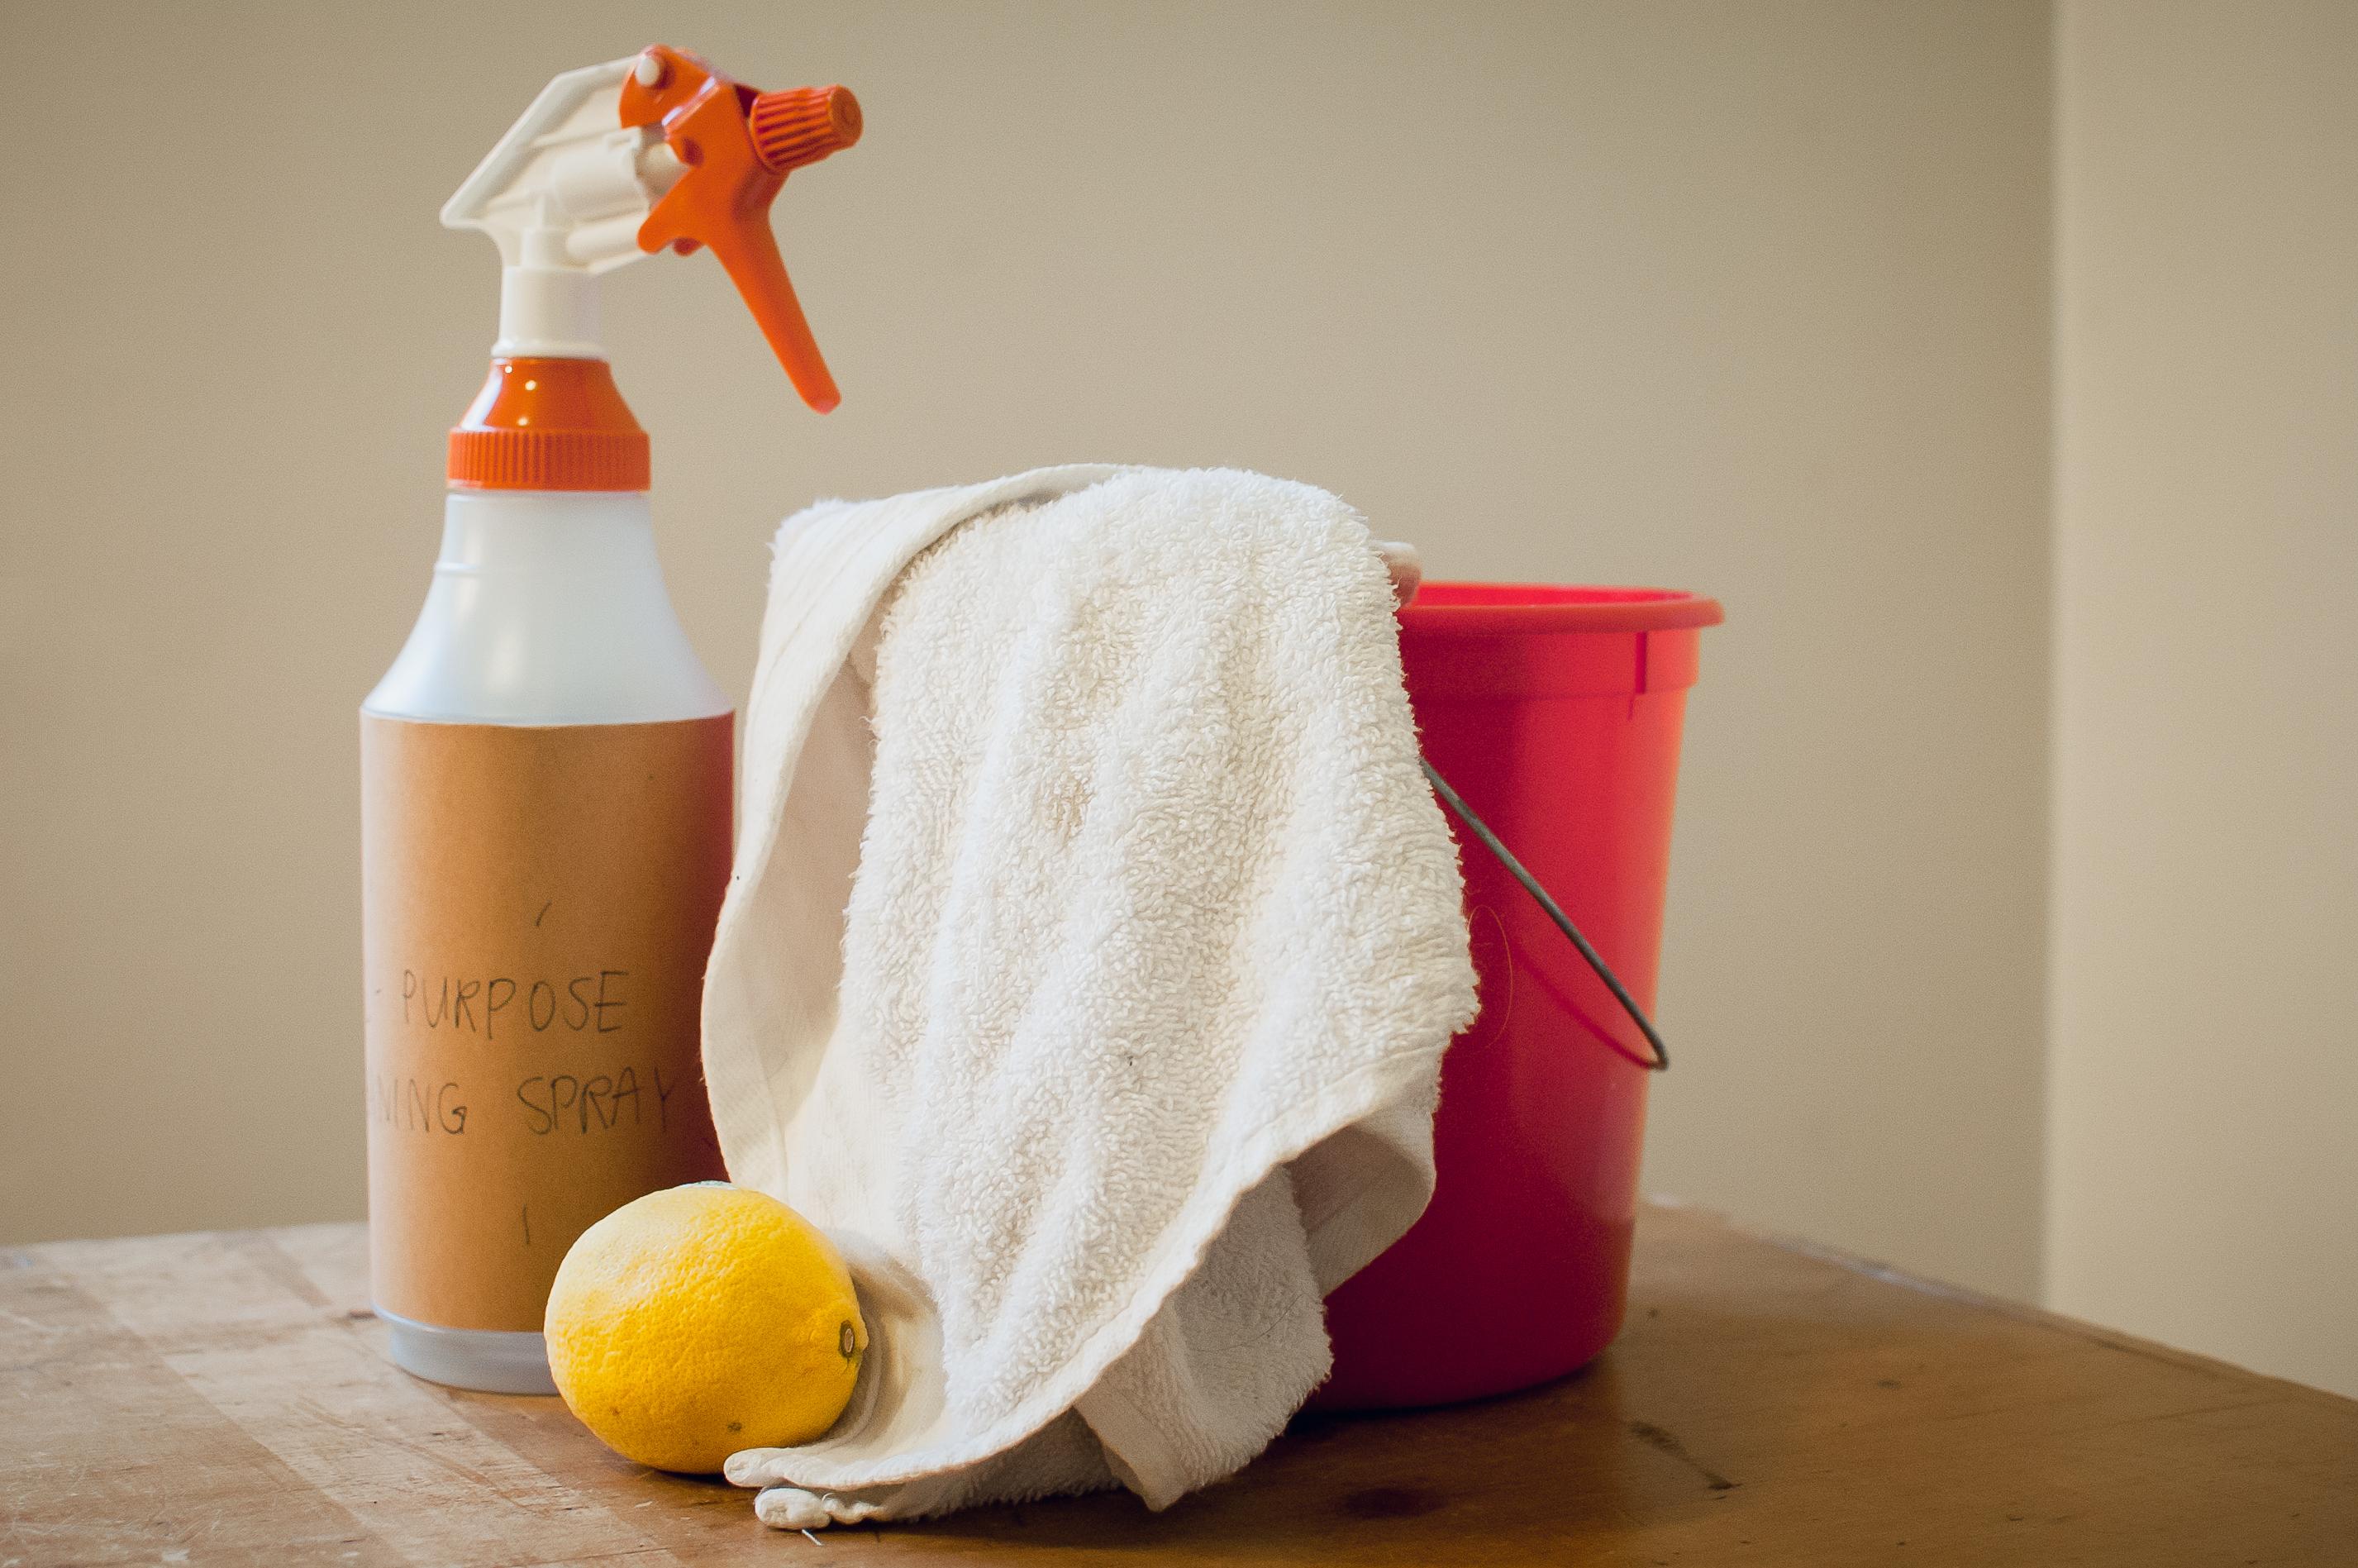 Multi-purpose sprays made from lemon